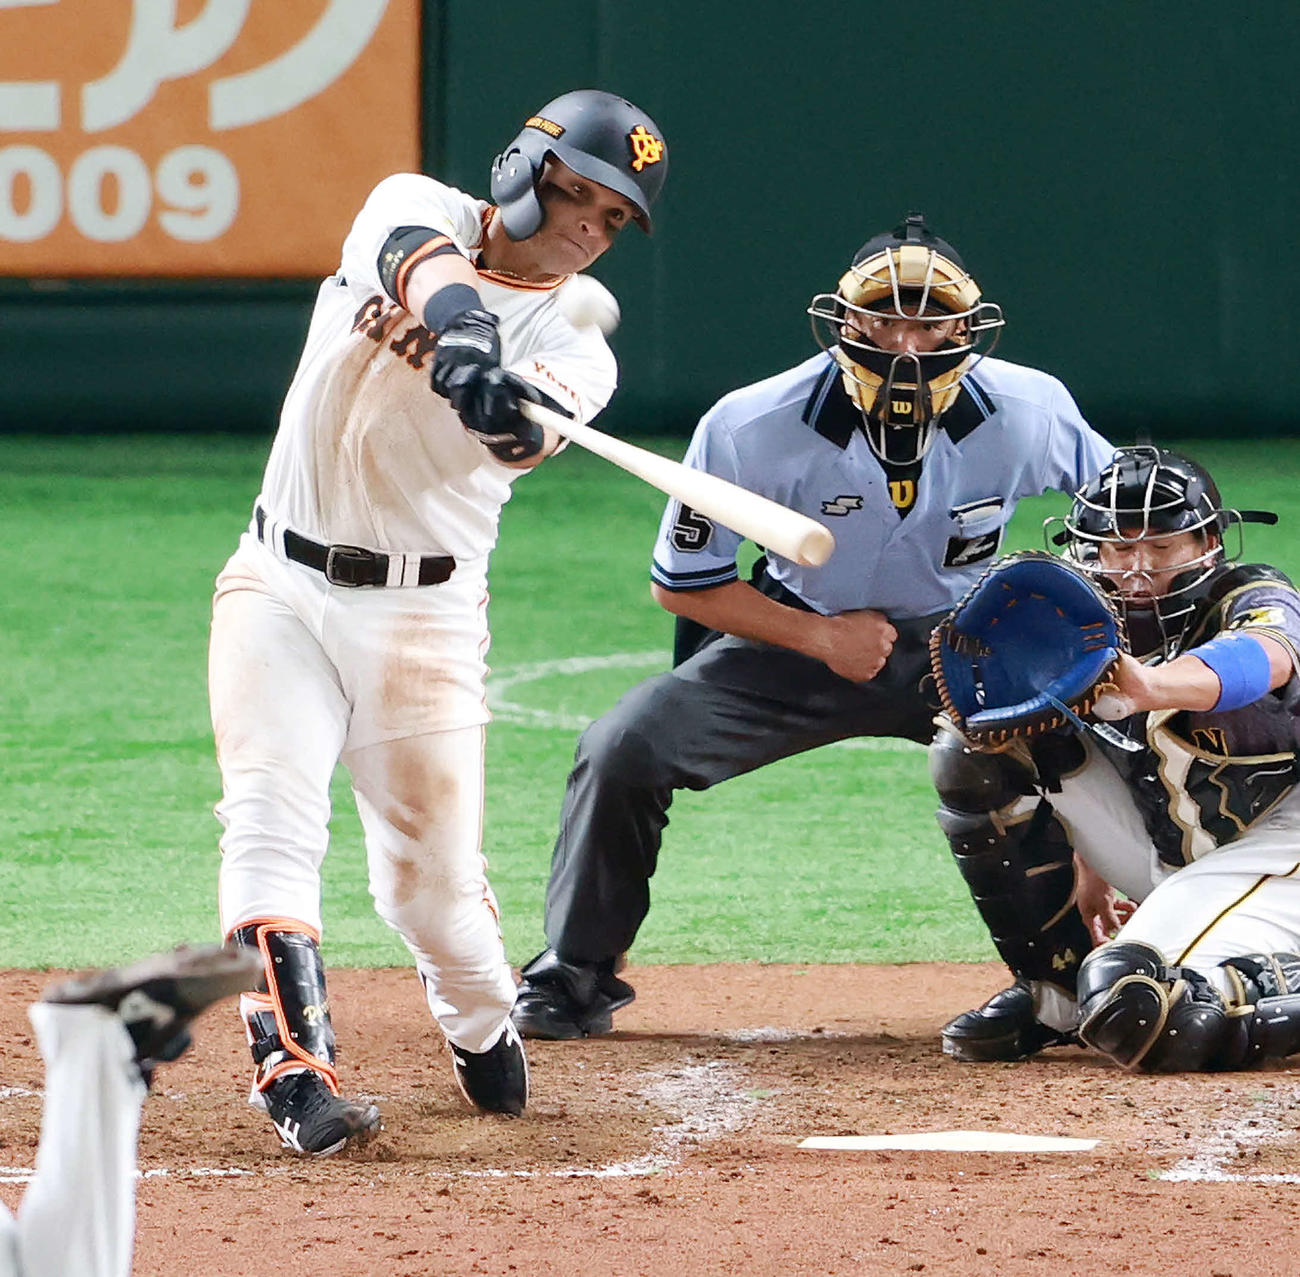 巨人対阪神 5回裏巨人2死一塁、2点本塁打を放つパーラ(撮影・江口和貴)